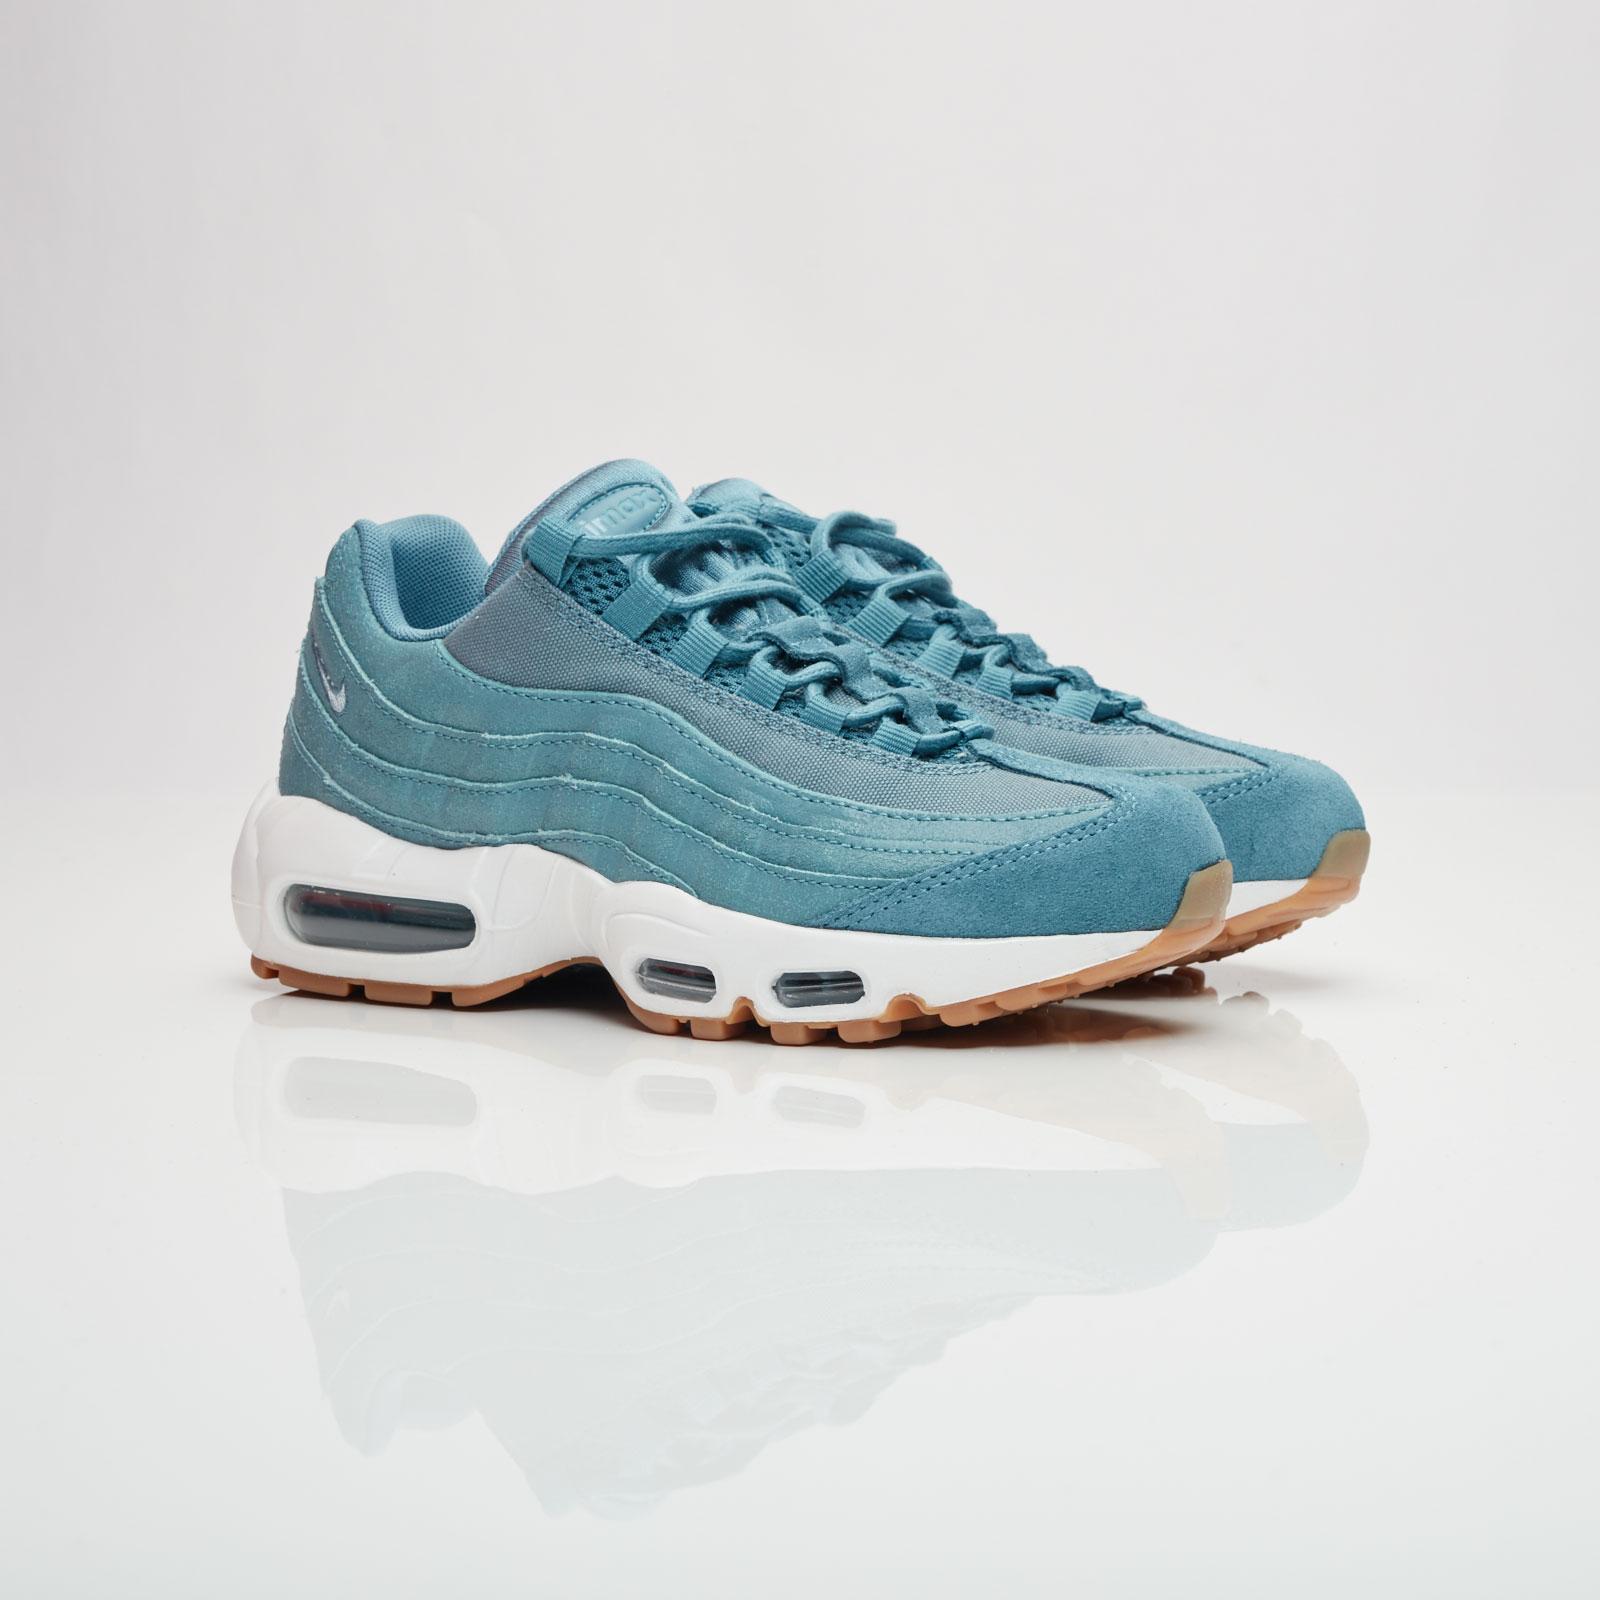 Nike Sportswear Wmns Air Max 95 07 Premium